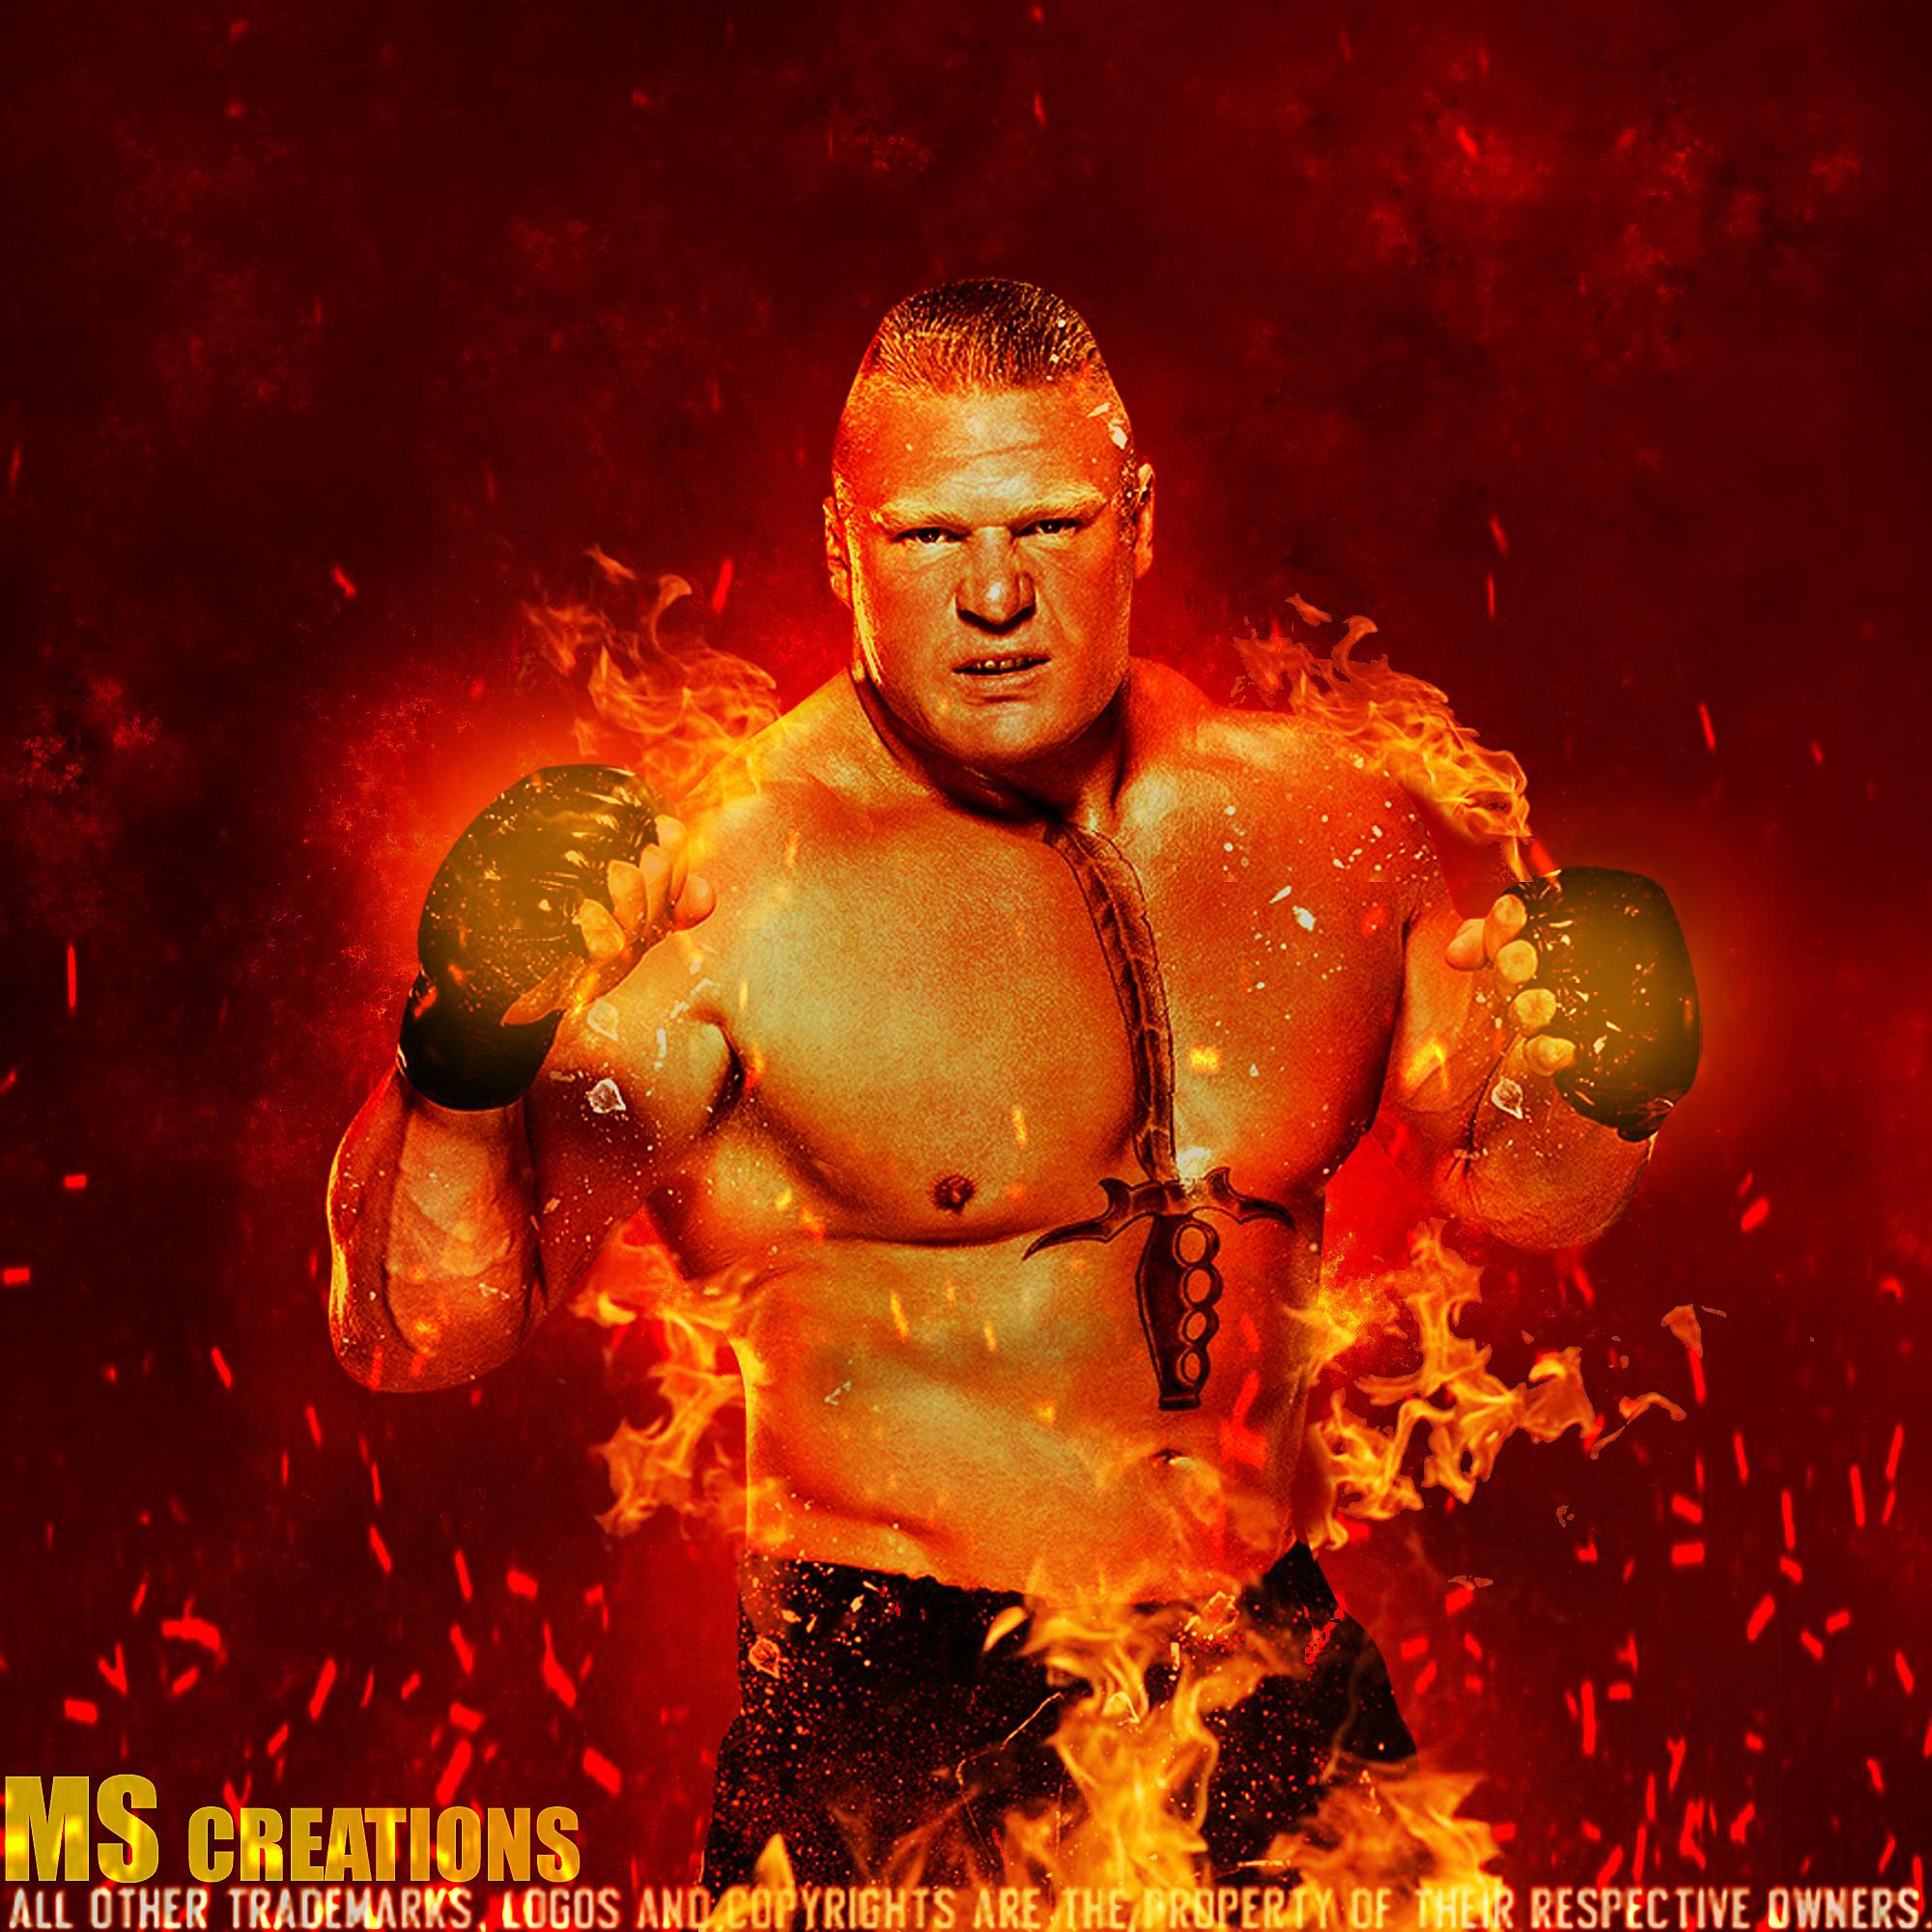 Brock Lesnar Wallpaper by Siddcrash Brock Lesnar Wallpaper by Siddcrash